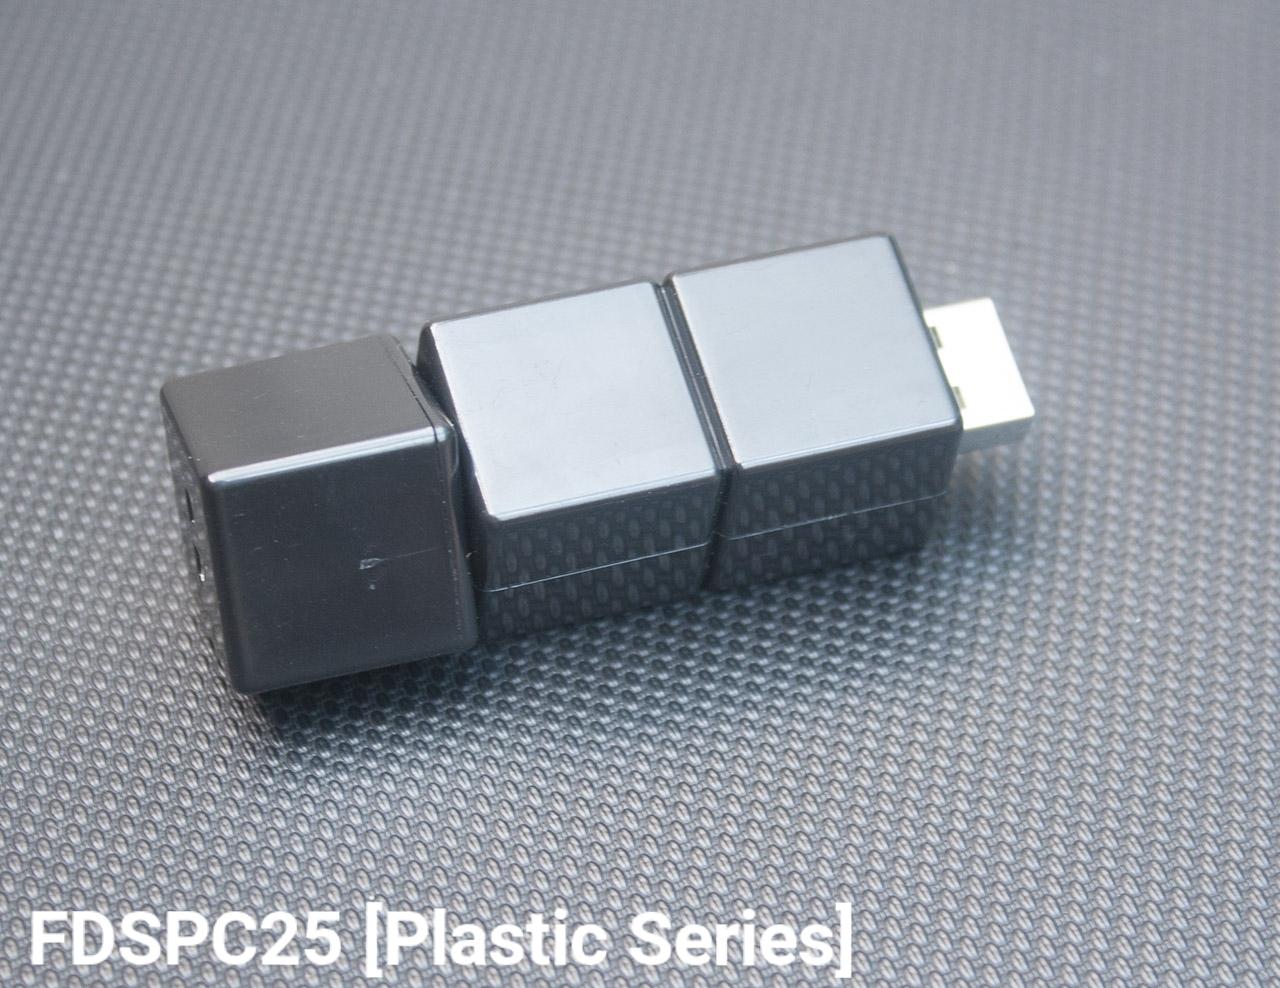 Flashdisk Plastik Series